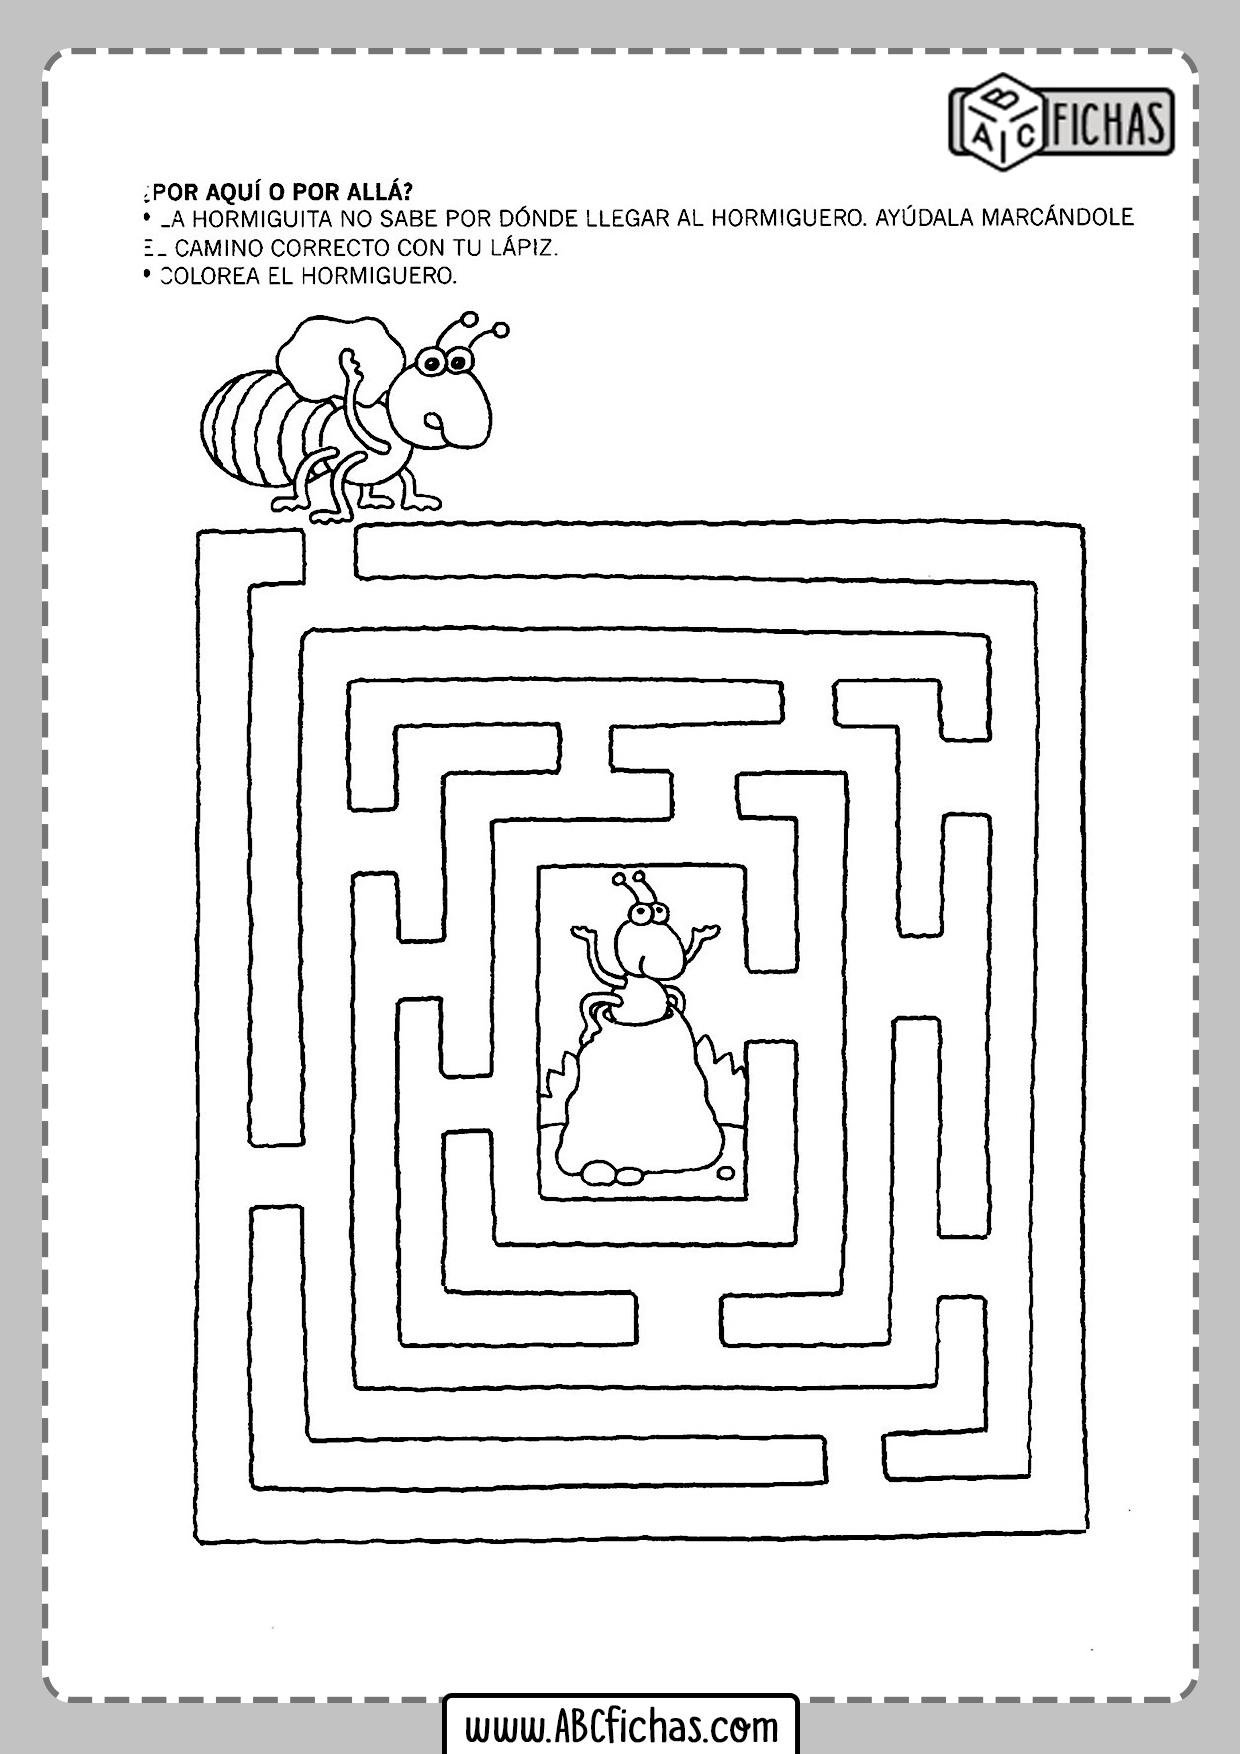 Fichas de laberintos para niños